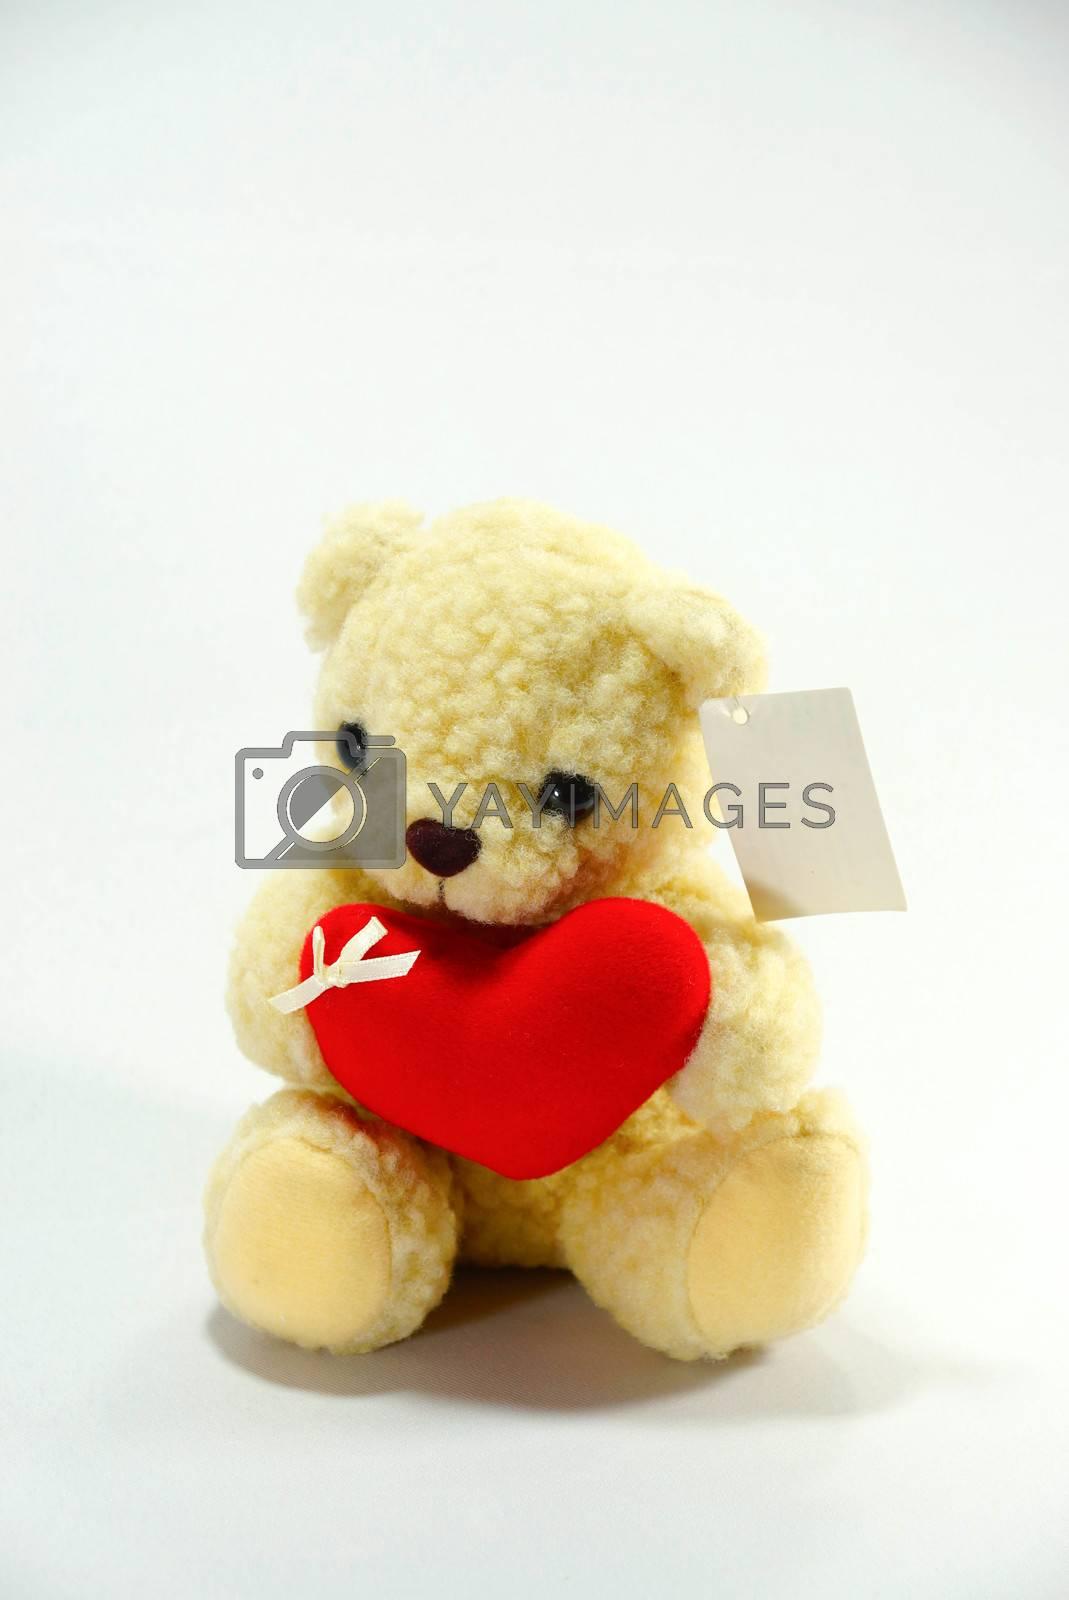 Royalty free image of bear 9 by nattapatt